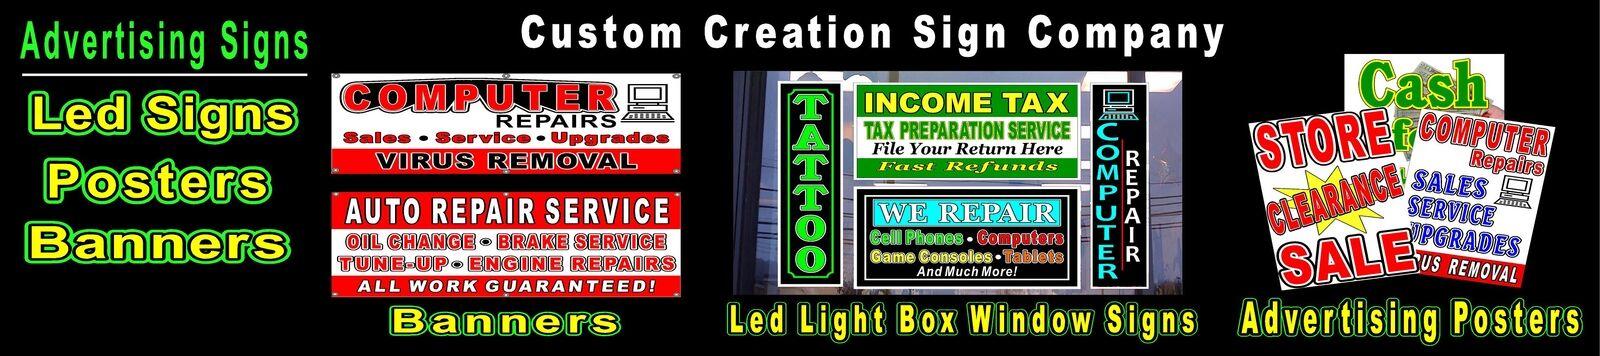 CUSTOM CREATION SIGN CO.